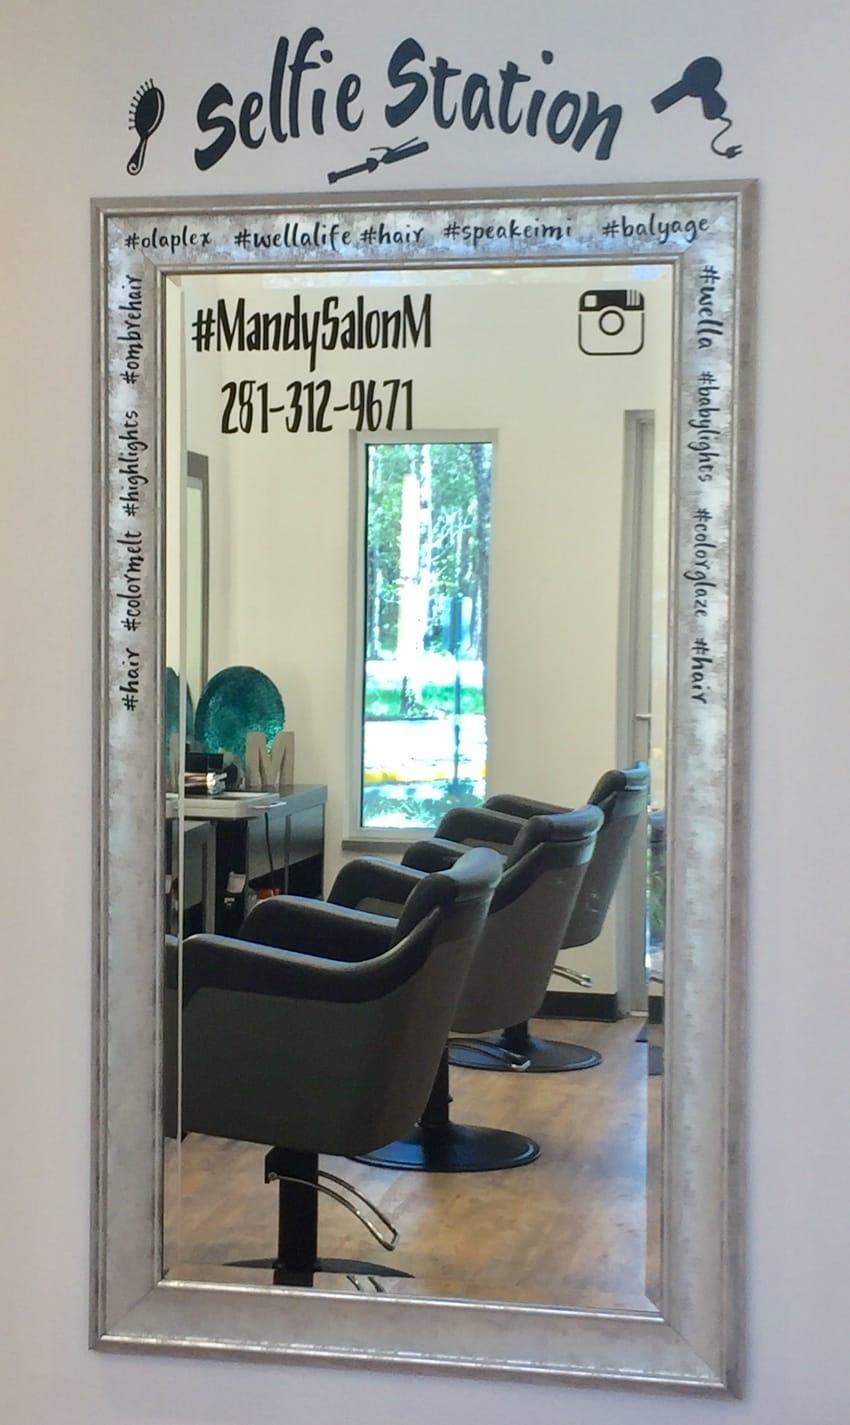 selfie station beauty salons